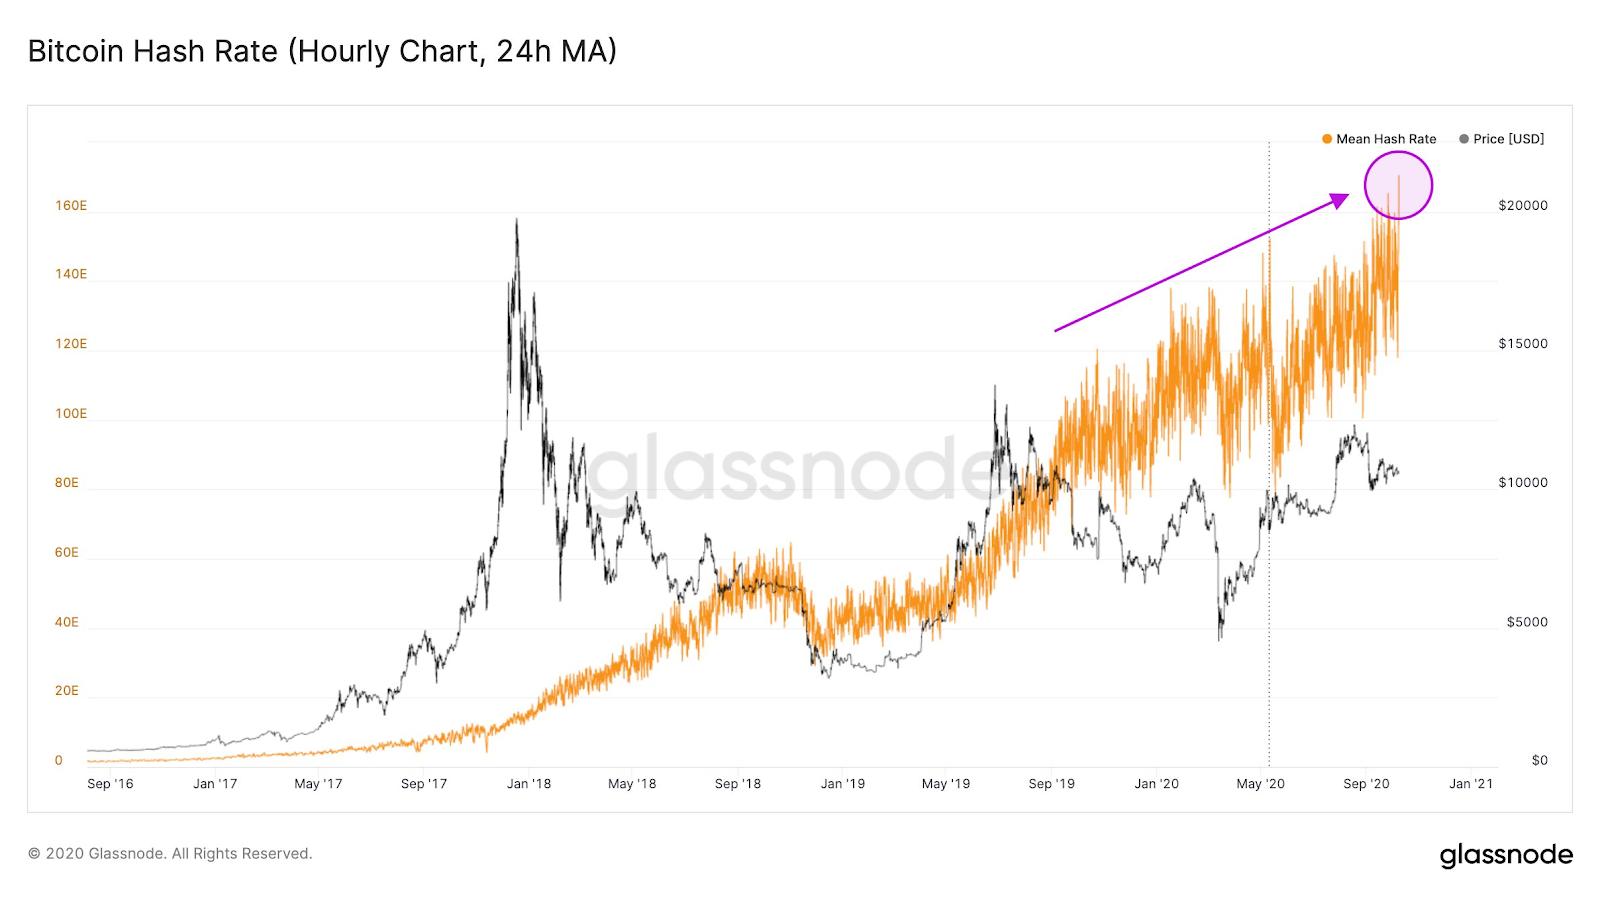 Gráfico da taxa de hash do Bitcoin comparado ao preço da moeda. Fonte: Glassnode.